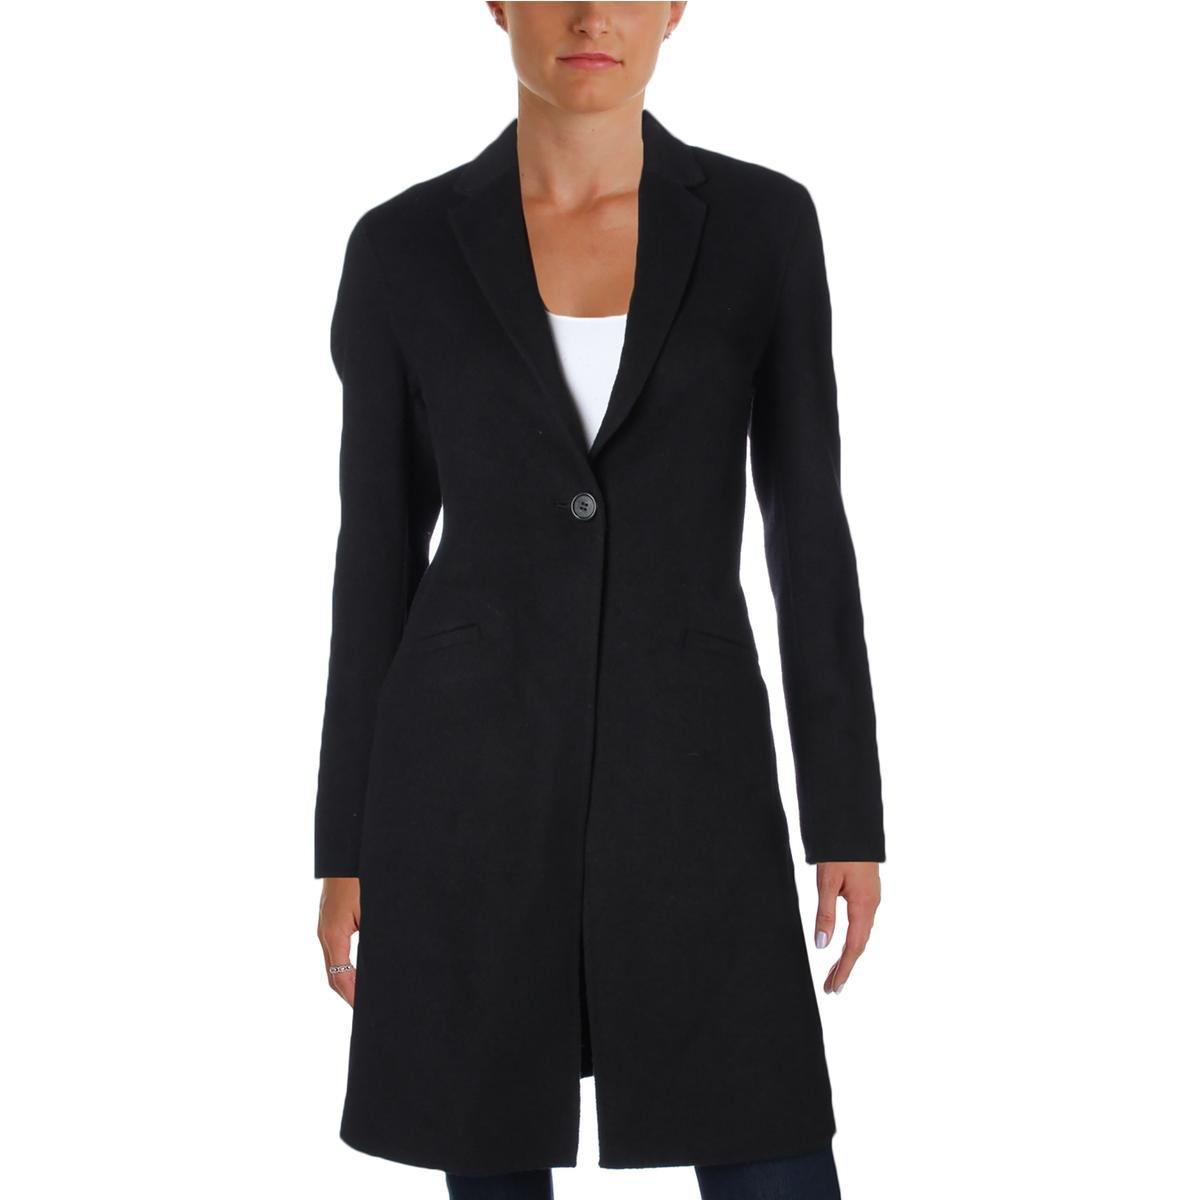 Lauren Ralph Lauren Womens Wool Blend Single-Breasted Coat Black S by Lauren by Ralph Lauren (Image #1)